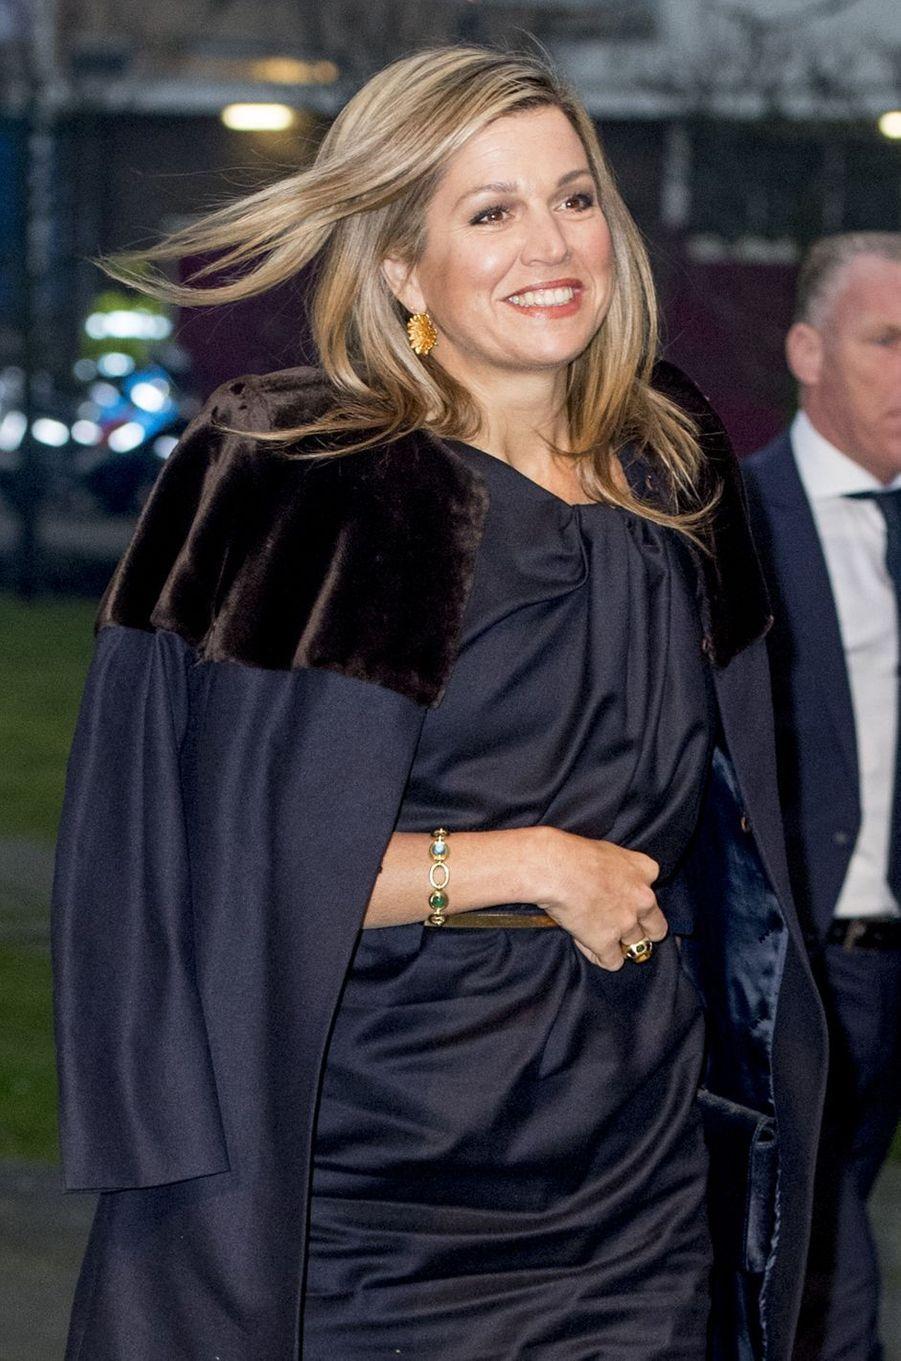 La reine Maxima des Pays-Bas le 23 janvier 2017 à La Haye